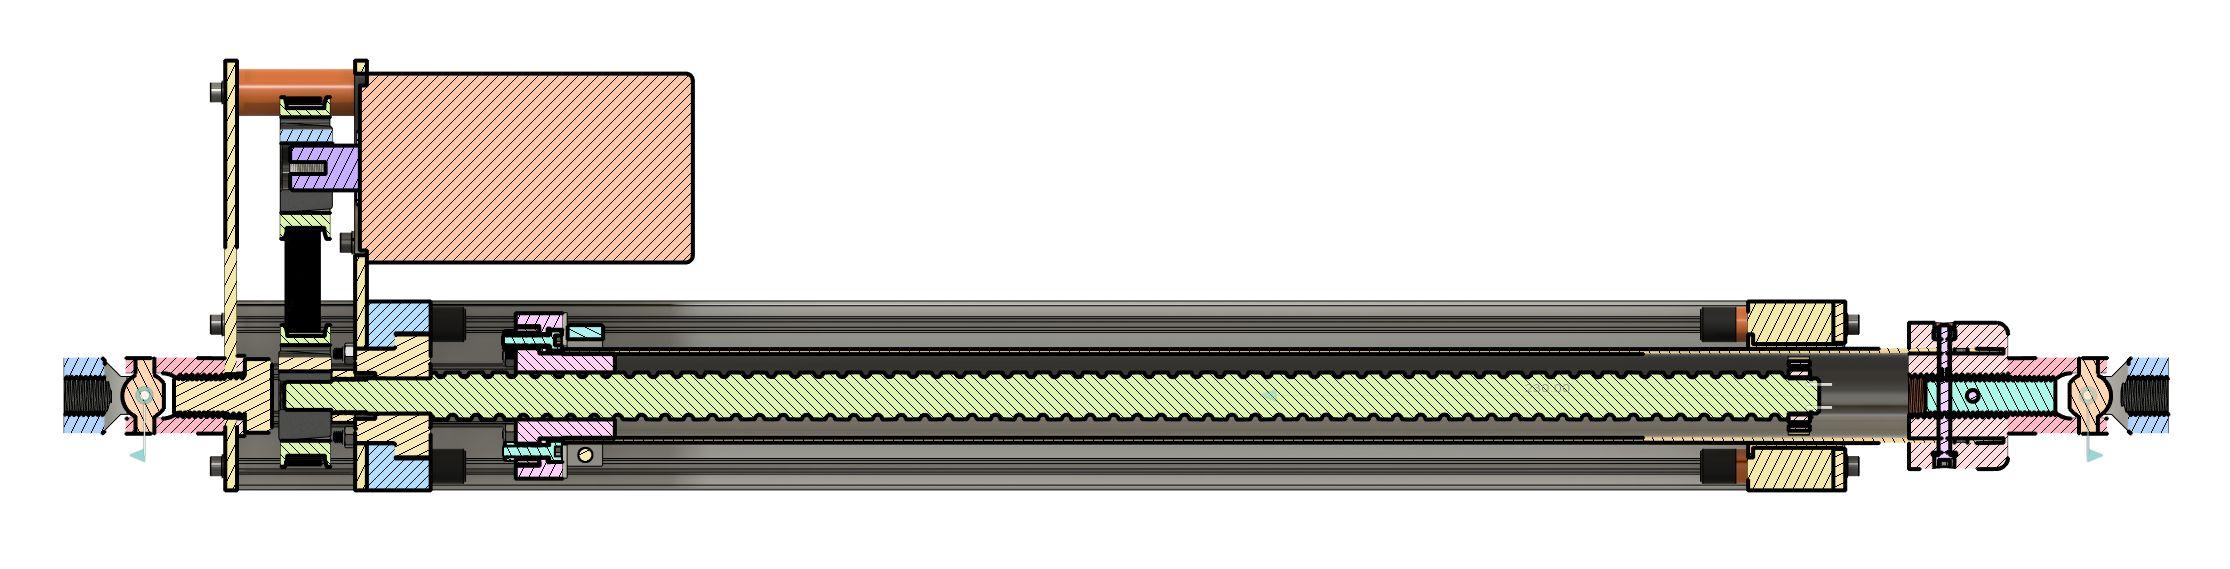 Linear-v39-3500-3500